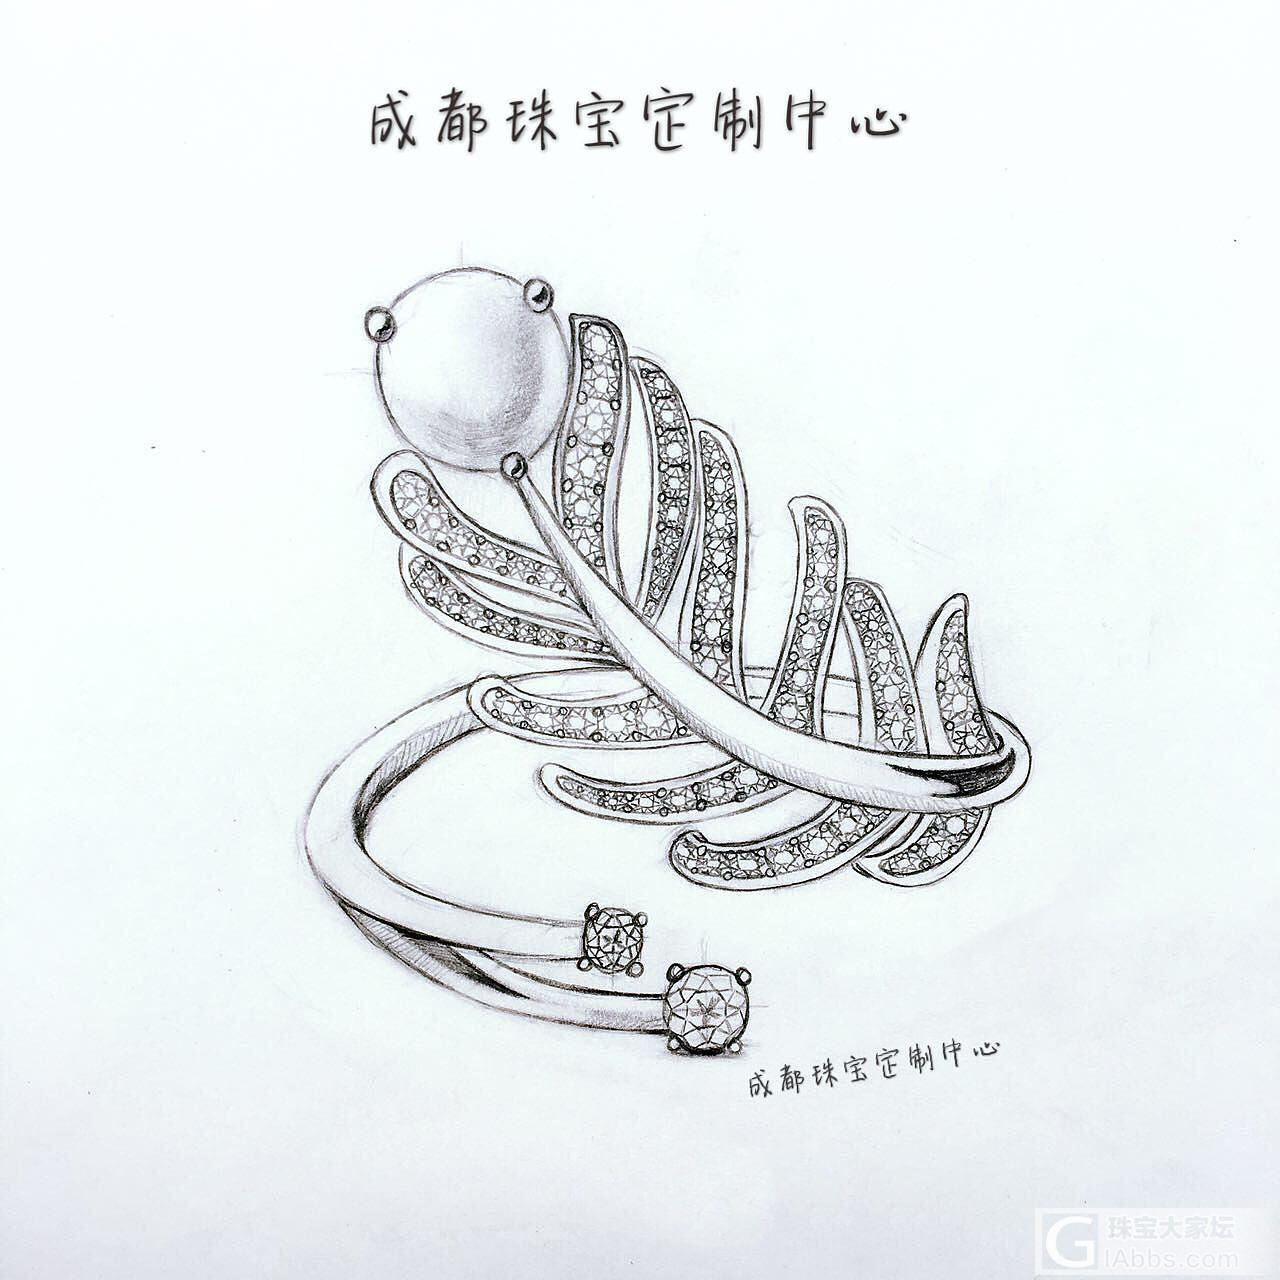 独家设计 18k镶嵌珍珠设计图_钻石_珠宝大家坛